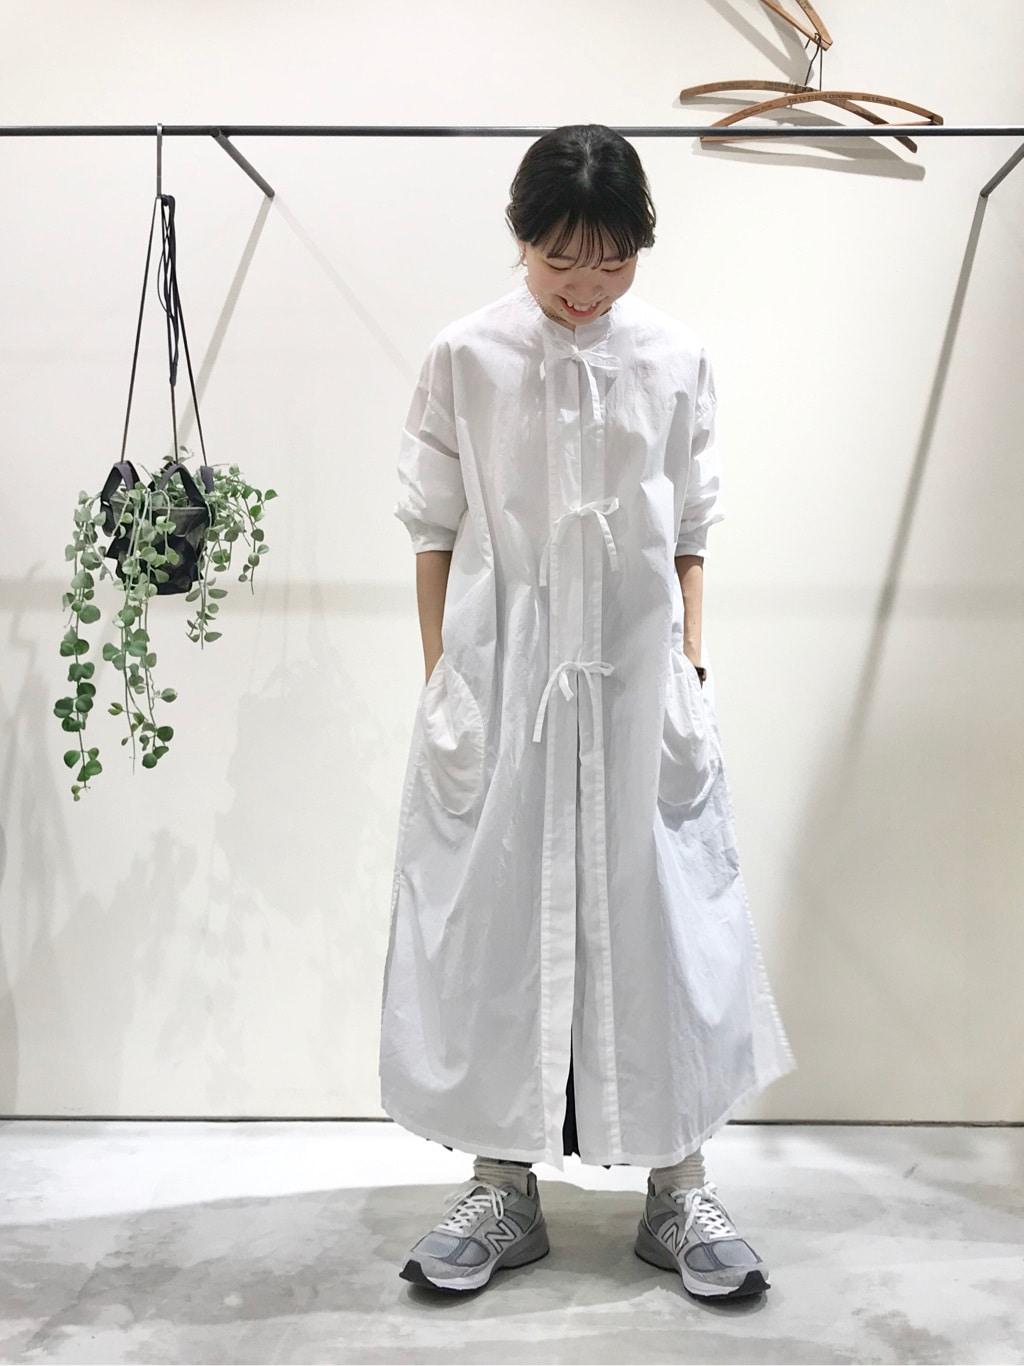 - PAR ICI CHILD WOMAN , PAR ICI ルミネ池袋 身長:154cm 2021.04.30